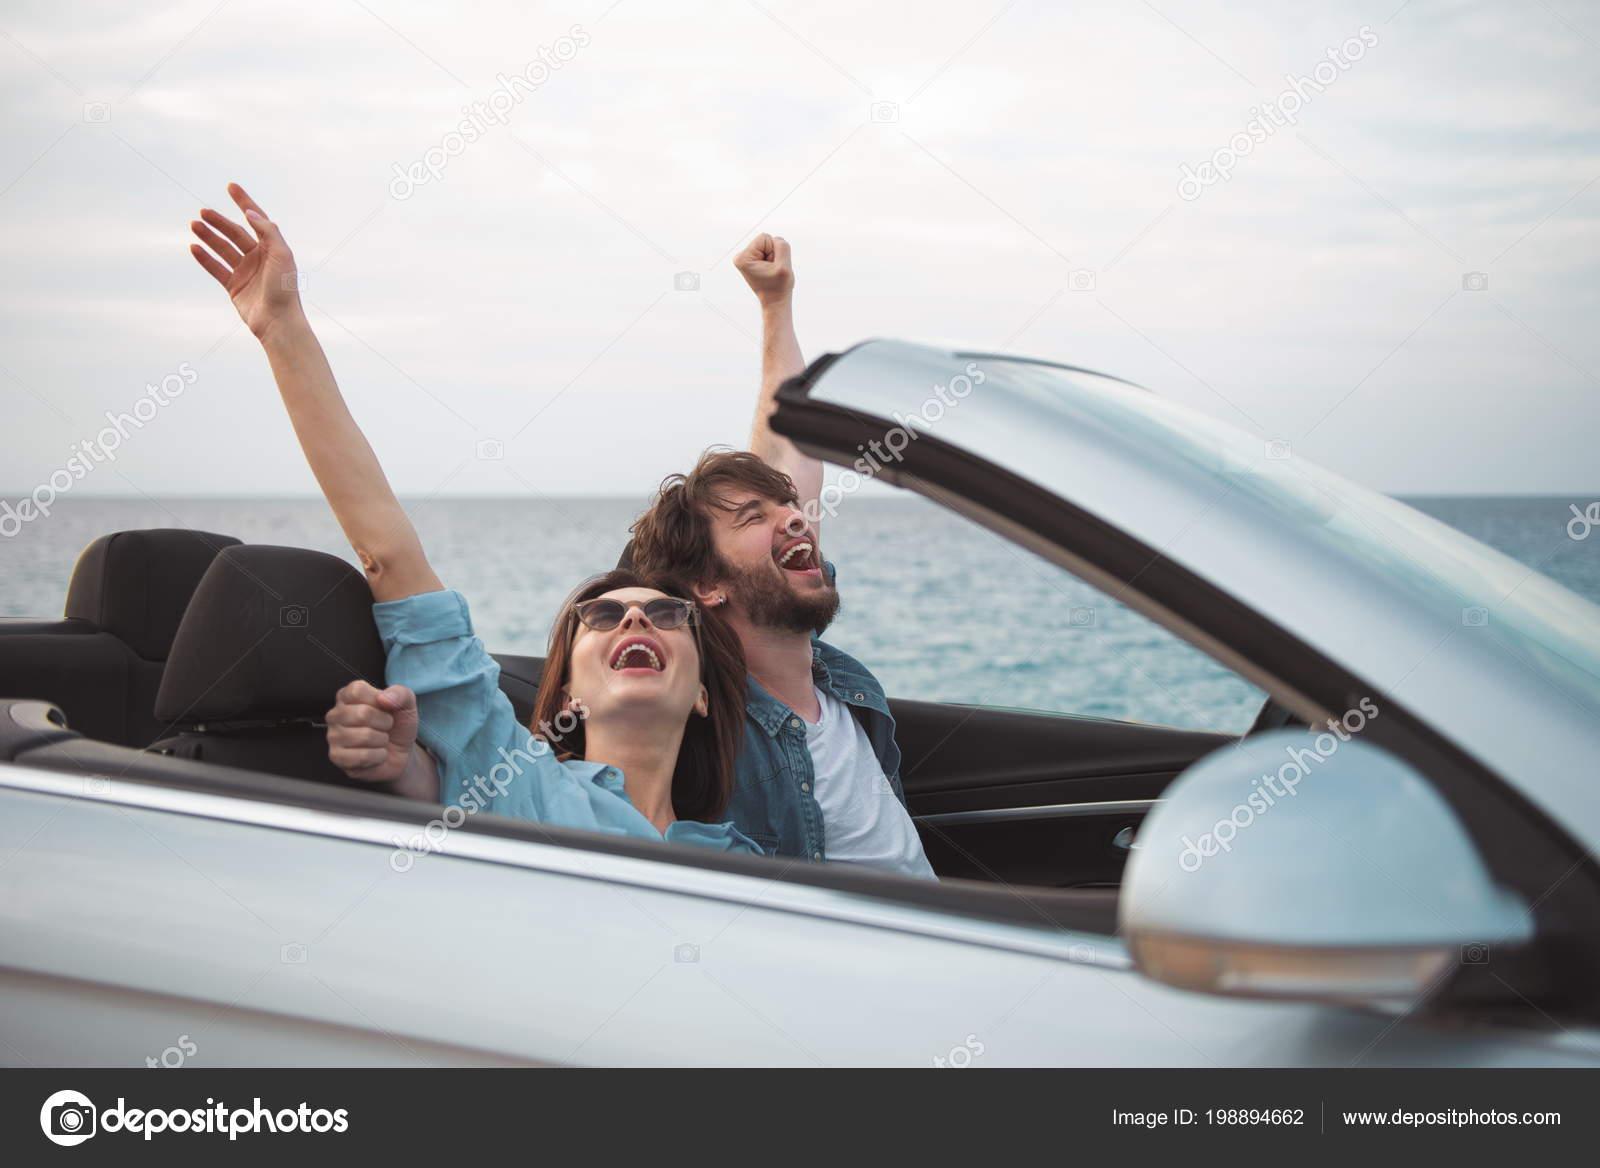 321c81f7971 Ze zijn het uitdrukken van vreugde met opgeheven handen terwijl u geniet  van de zomervakantie — Foto van ...